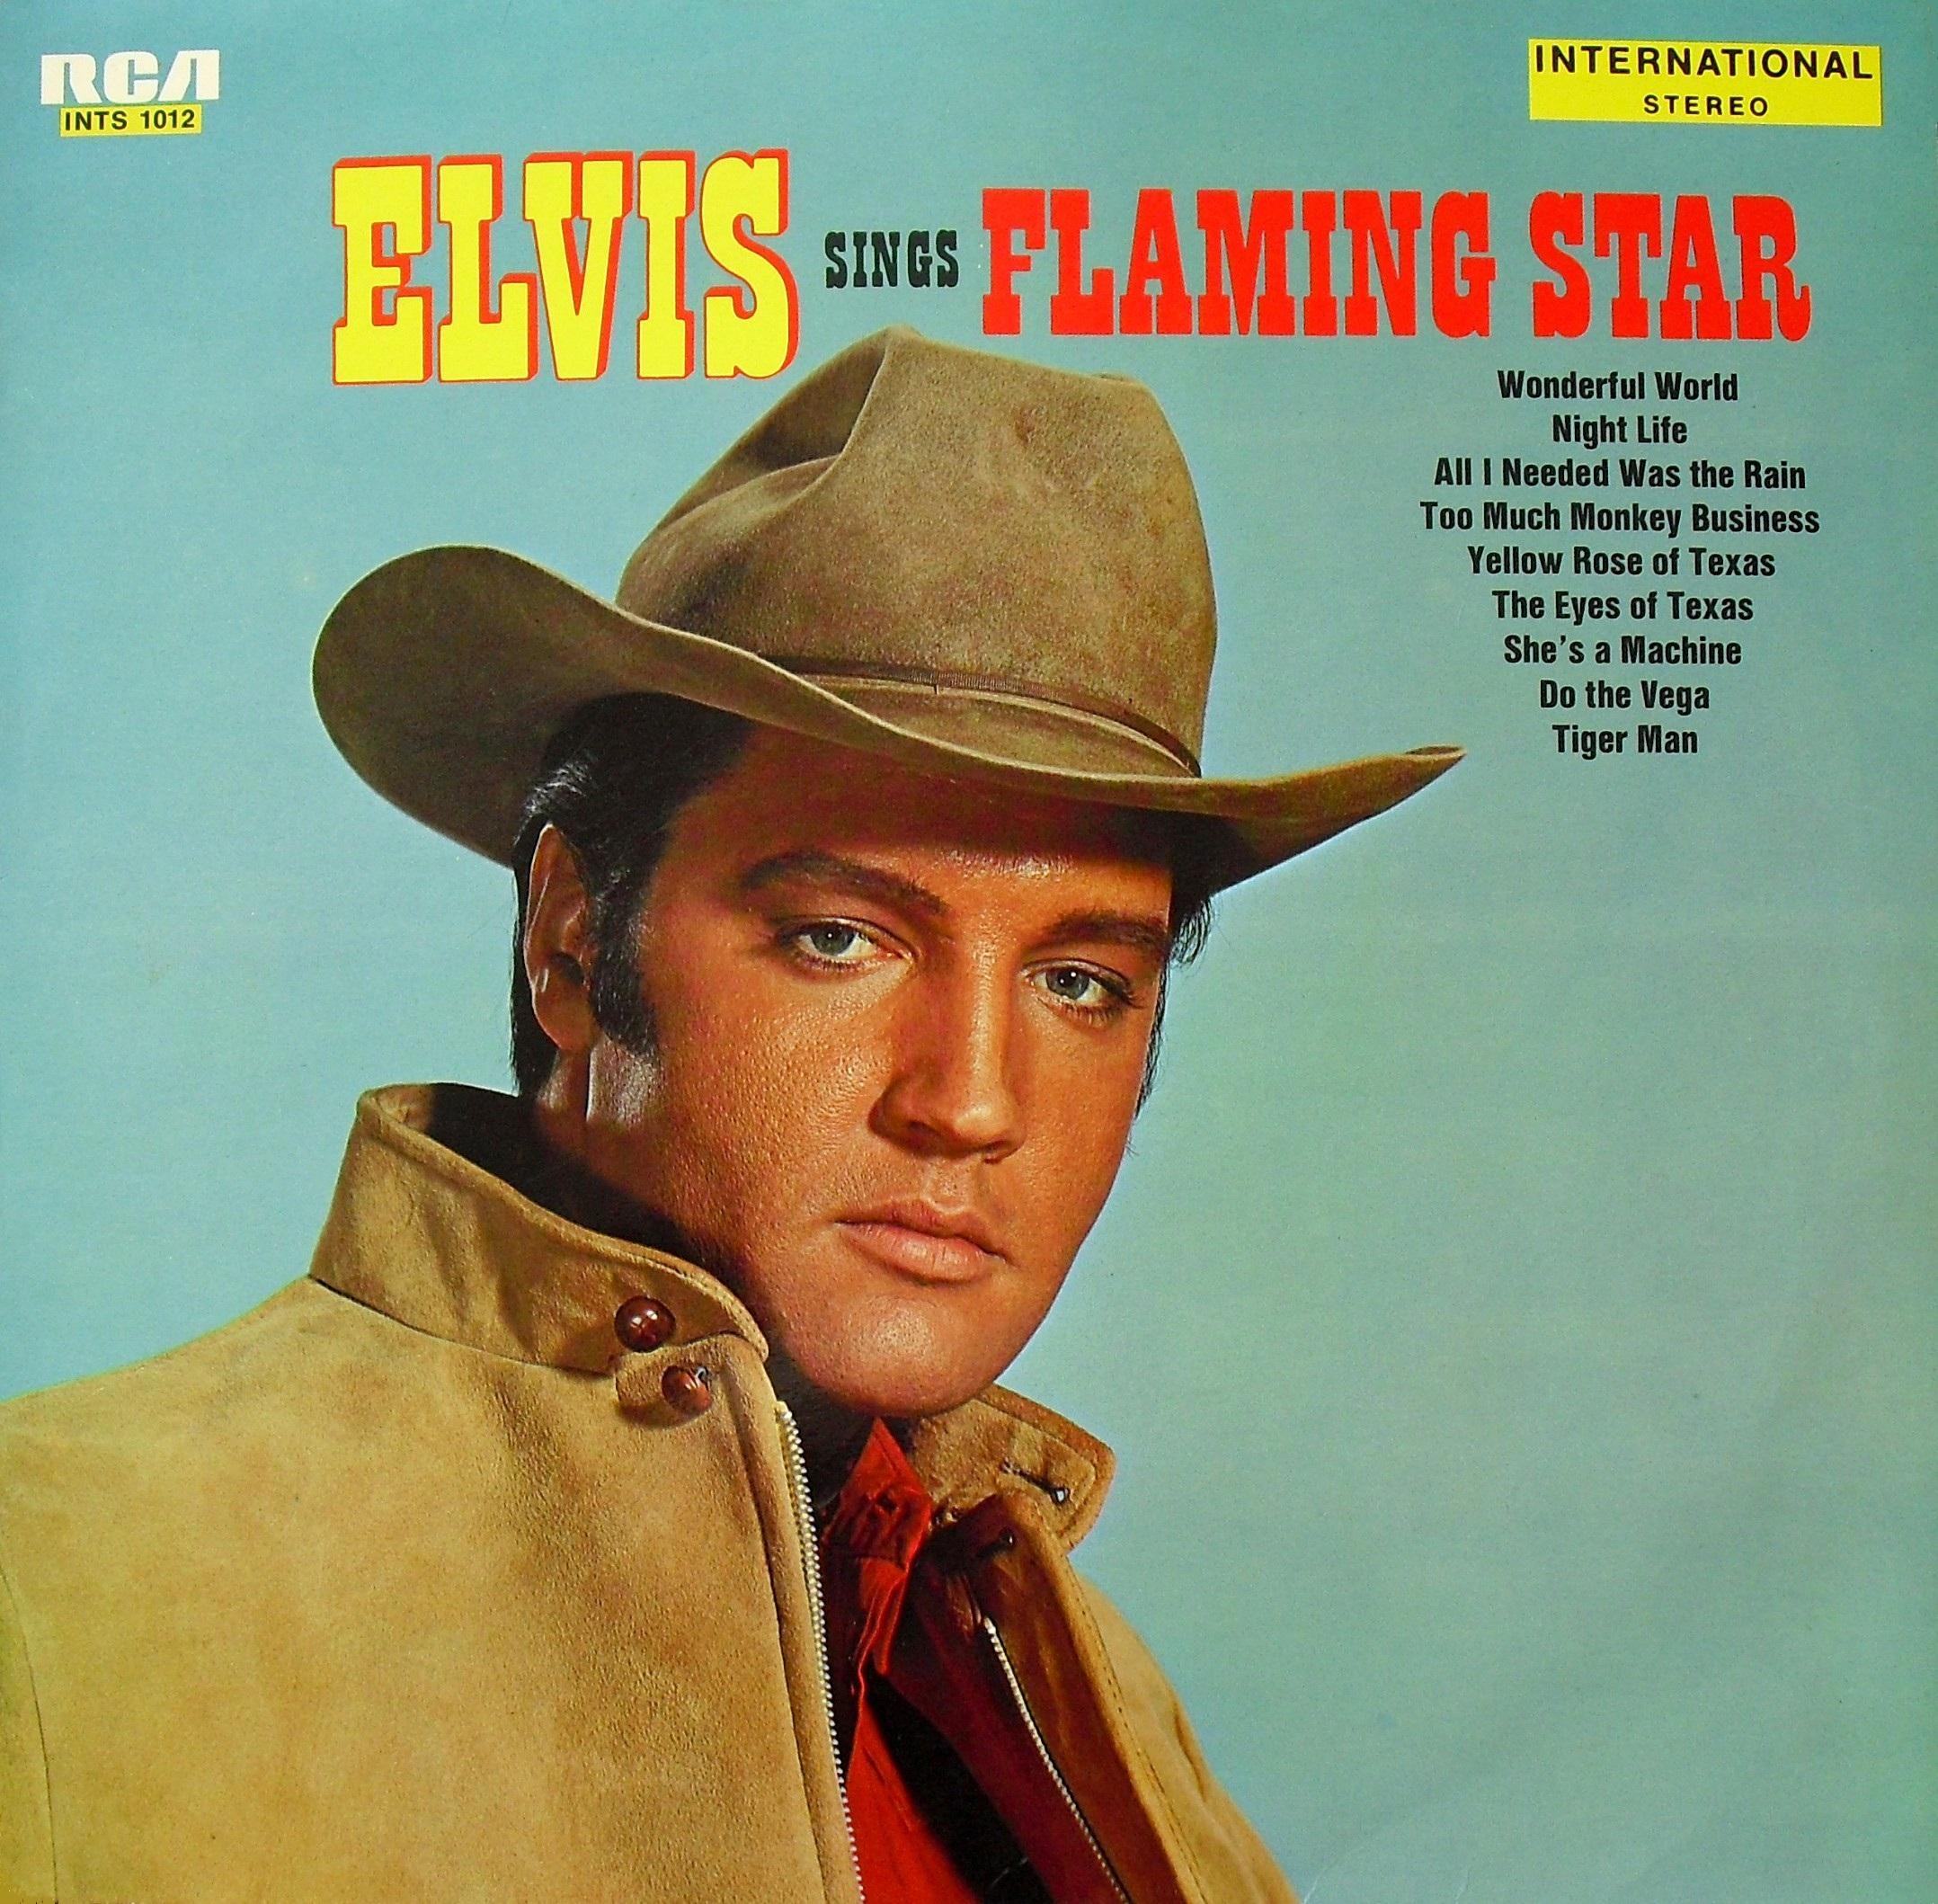 ELVIS SINGS FLAMING STAR 007t6u04